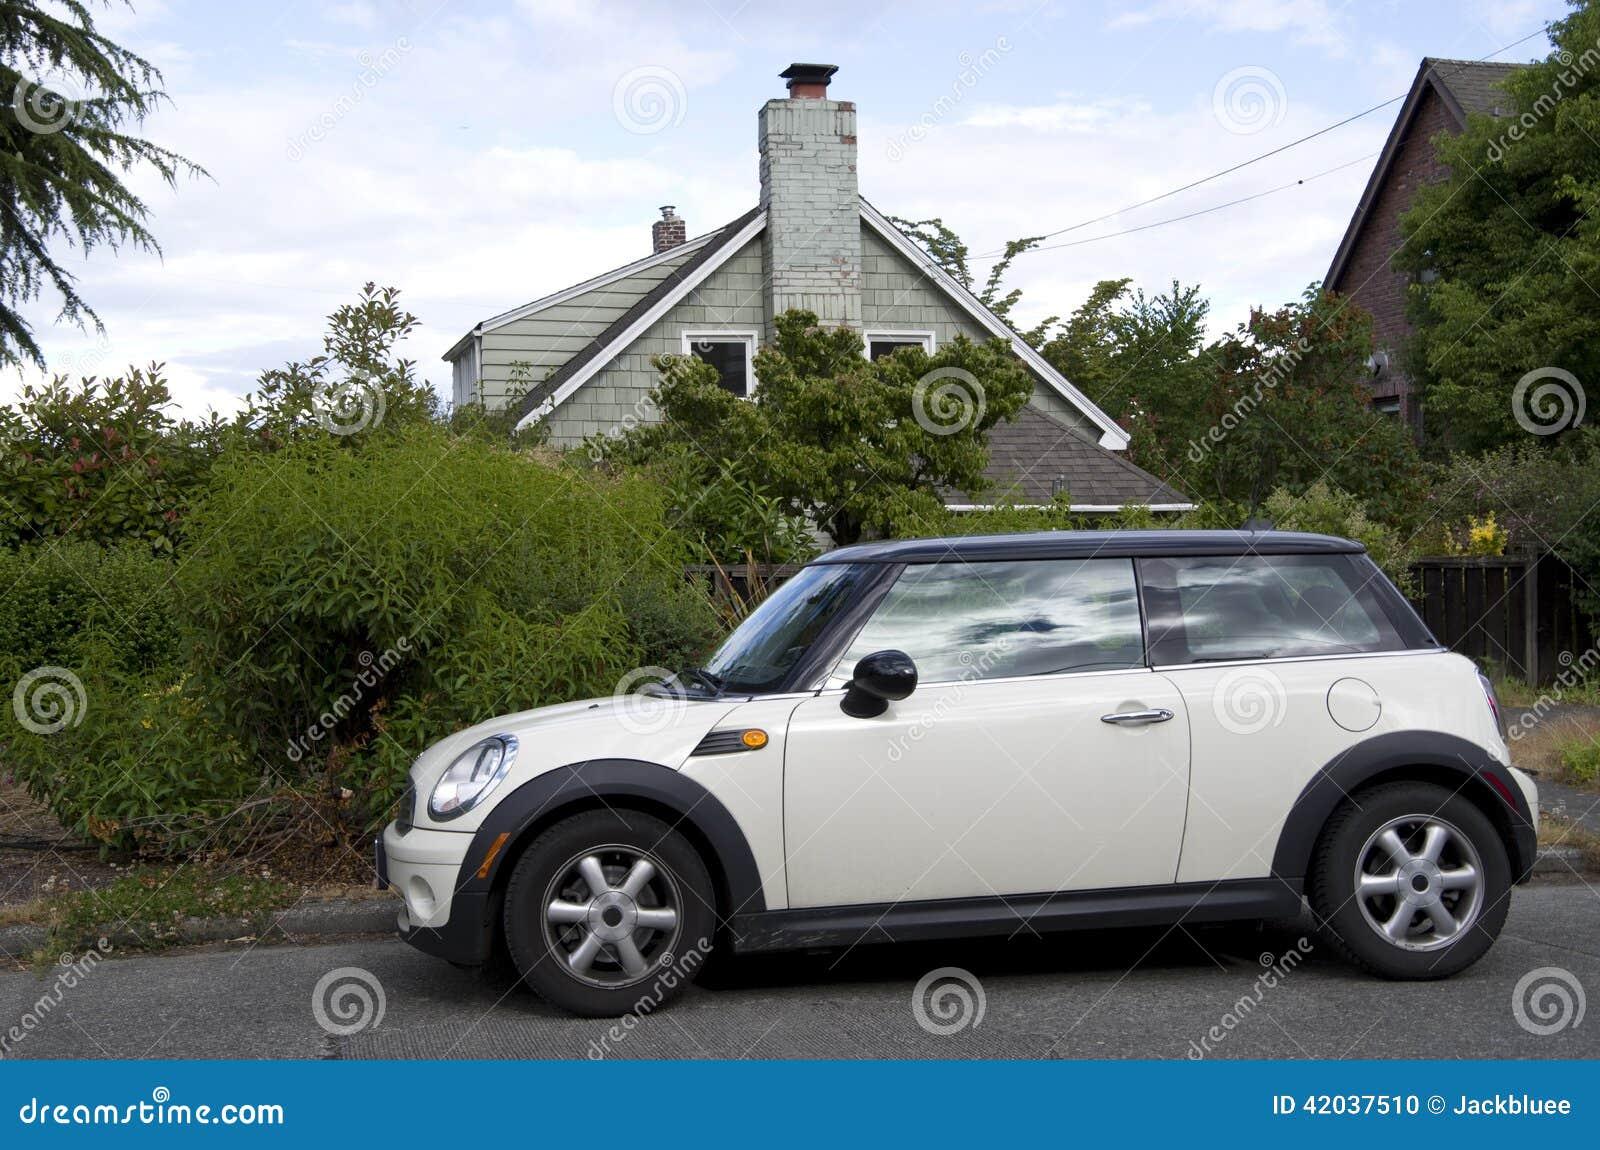 vieille maison de nouvelle petite voiture photo stock image 42037510. Black Bedroom Furniture Sets. Home Design Ideas